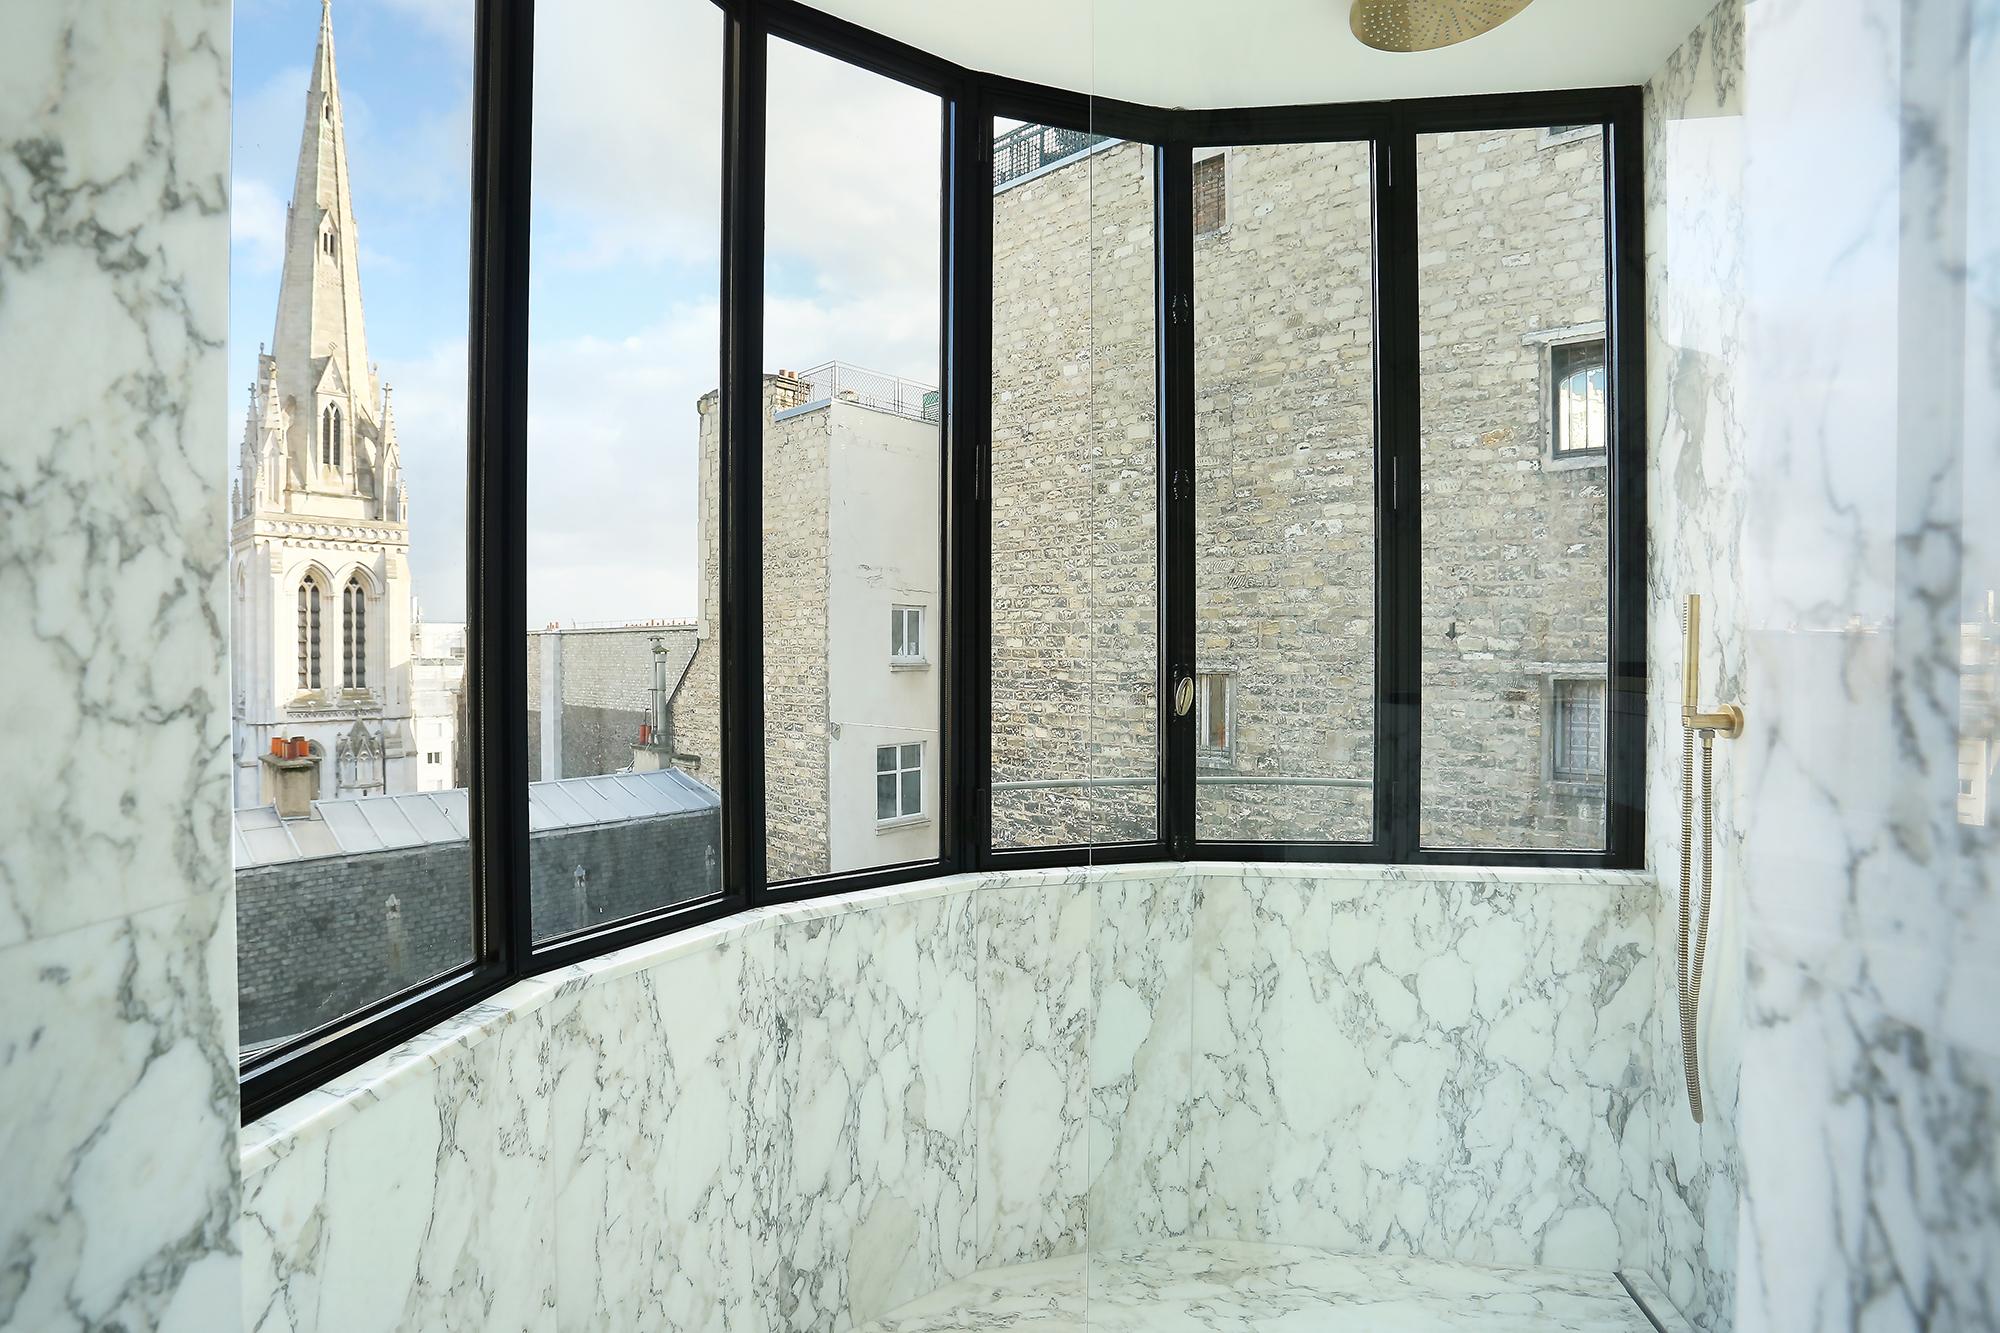 Verrière Salle de Bain sol douche mure Marbre Arabescato Appartement Parisien Omni Marbres